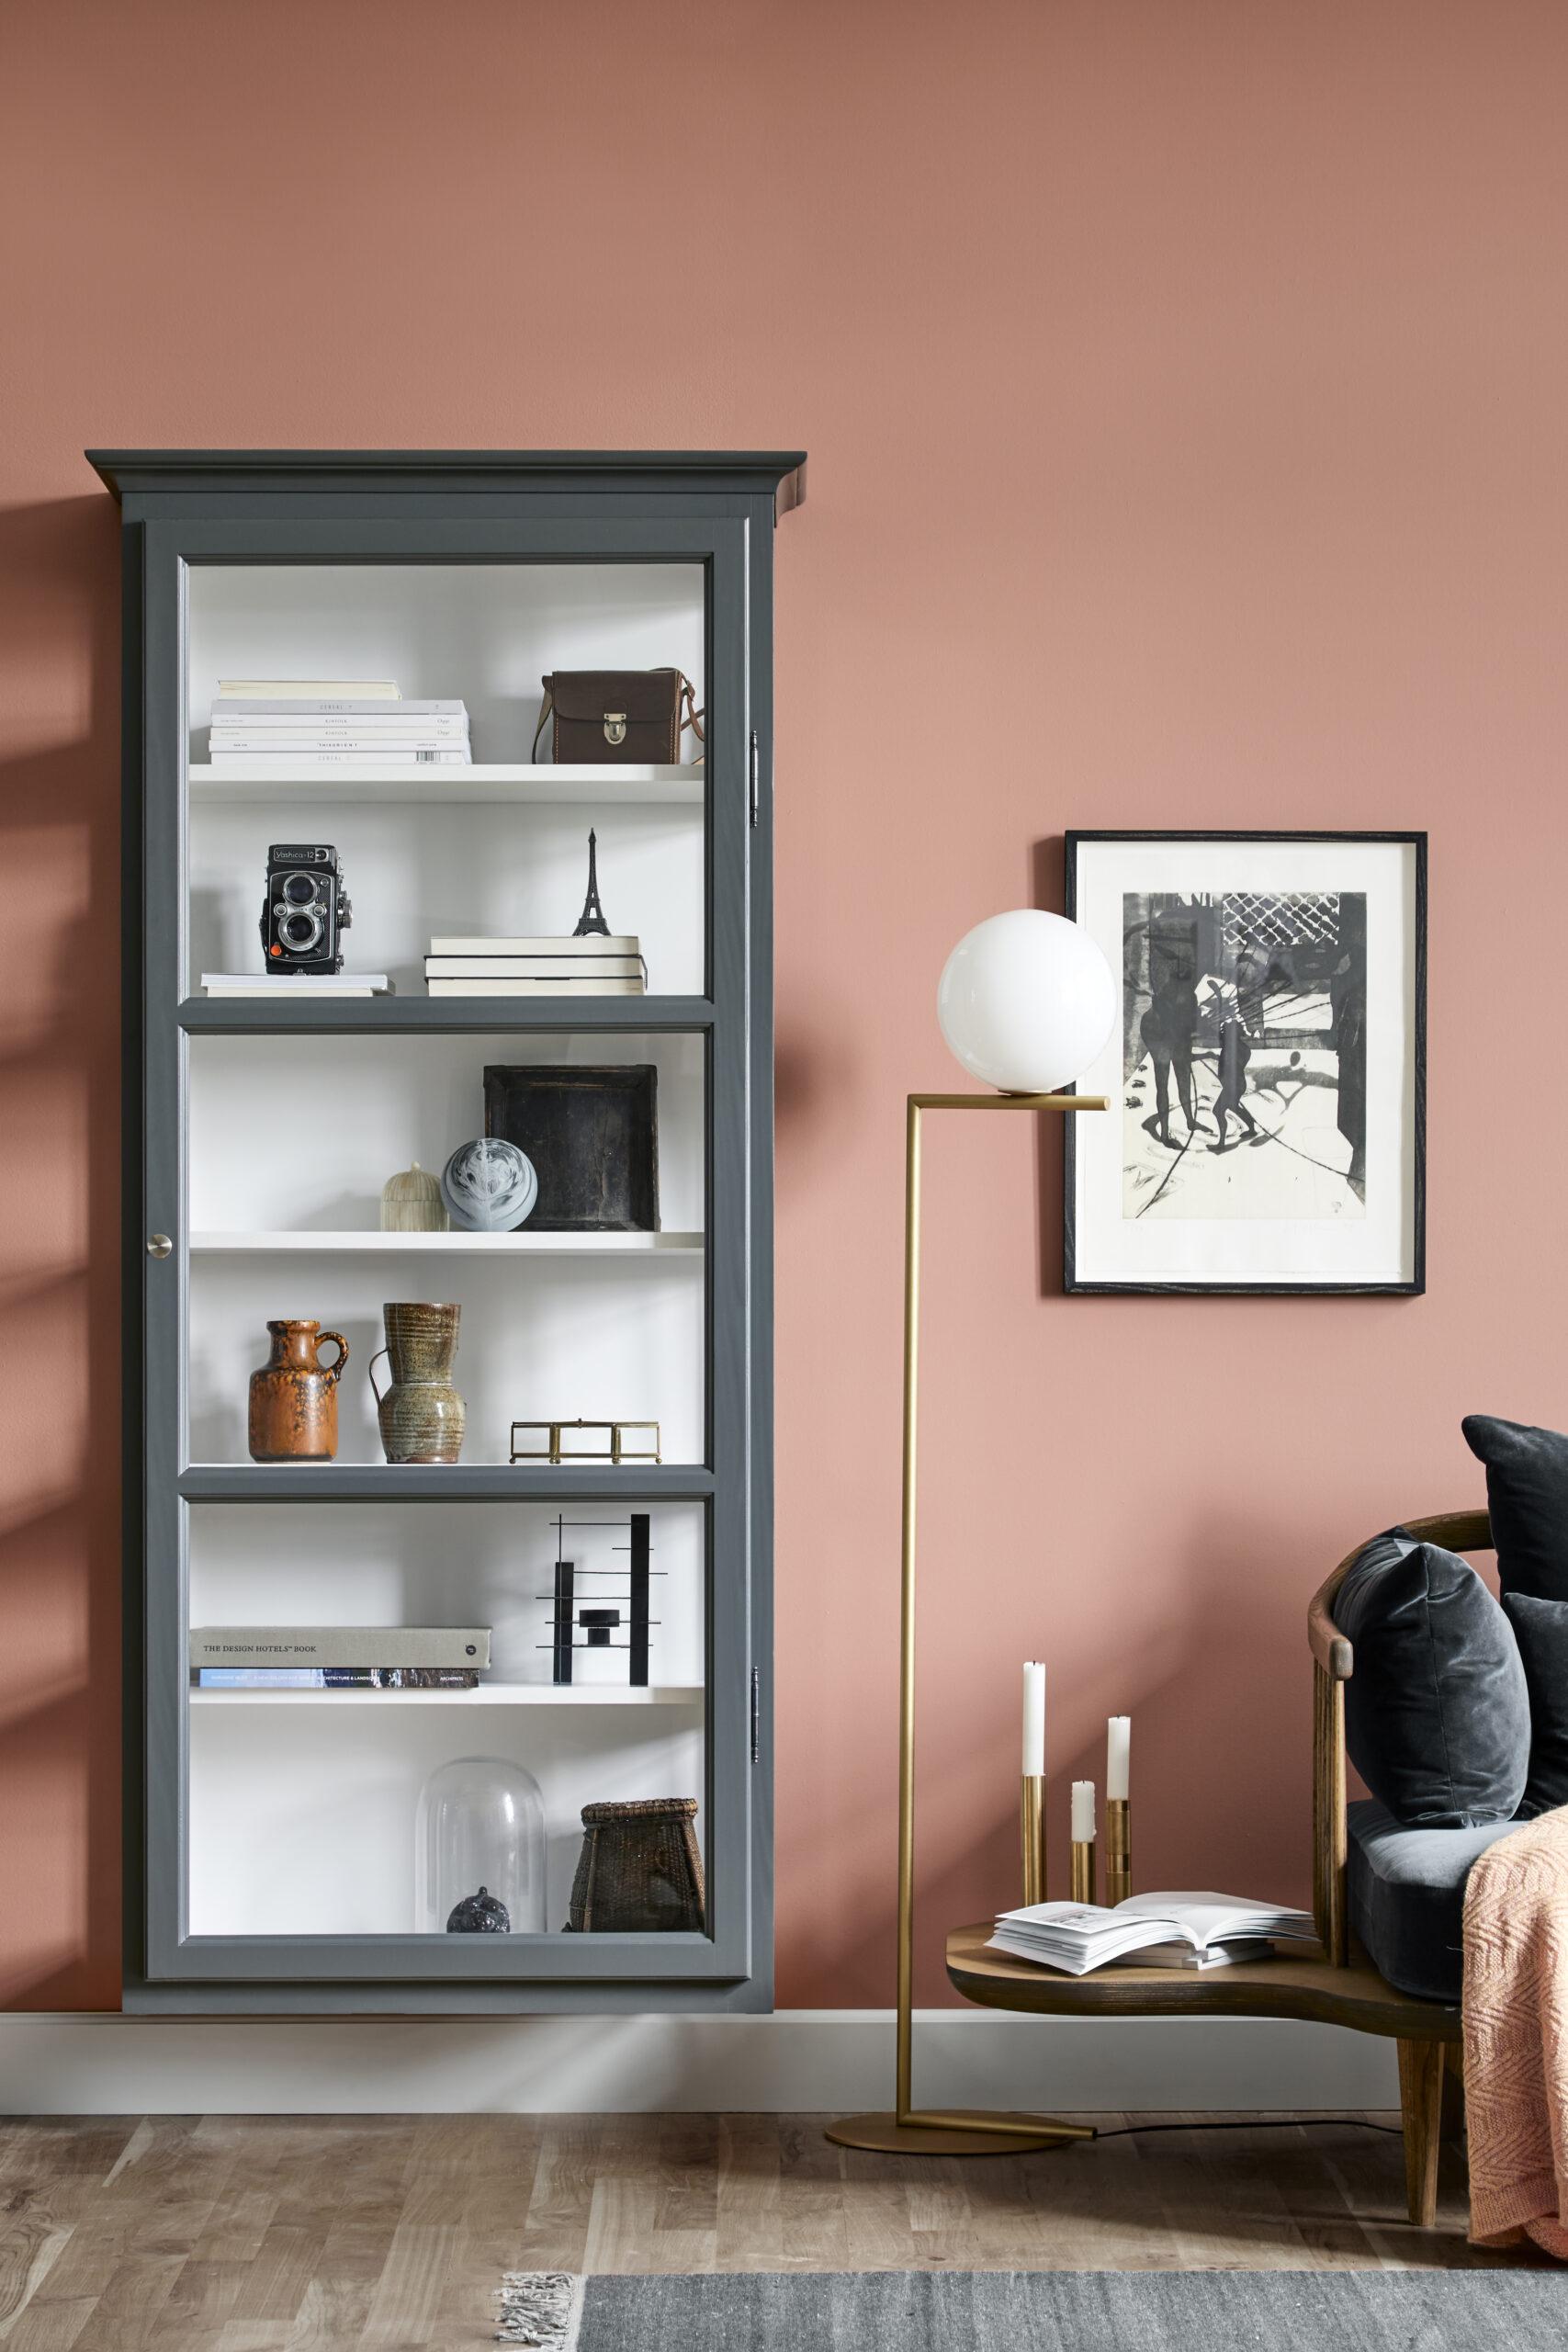 Picture of: Vitrineskab Kunst Indretning Stue Kunstprint Stueindretning Boligcious Boligcious